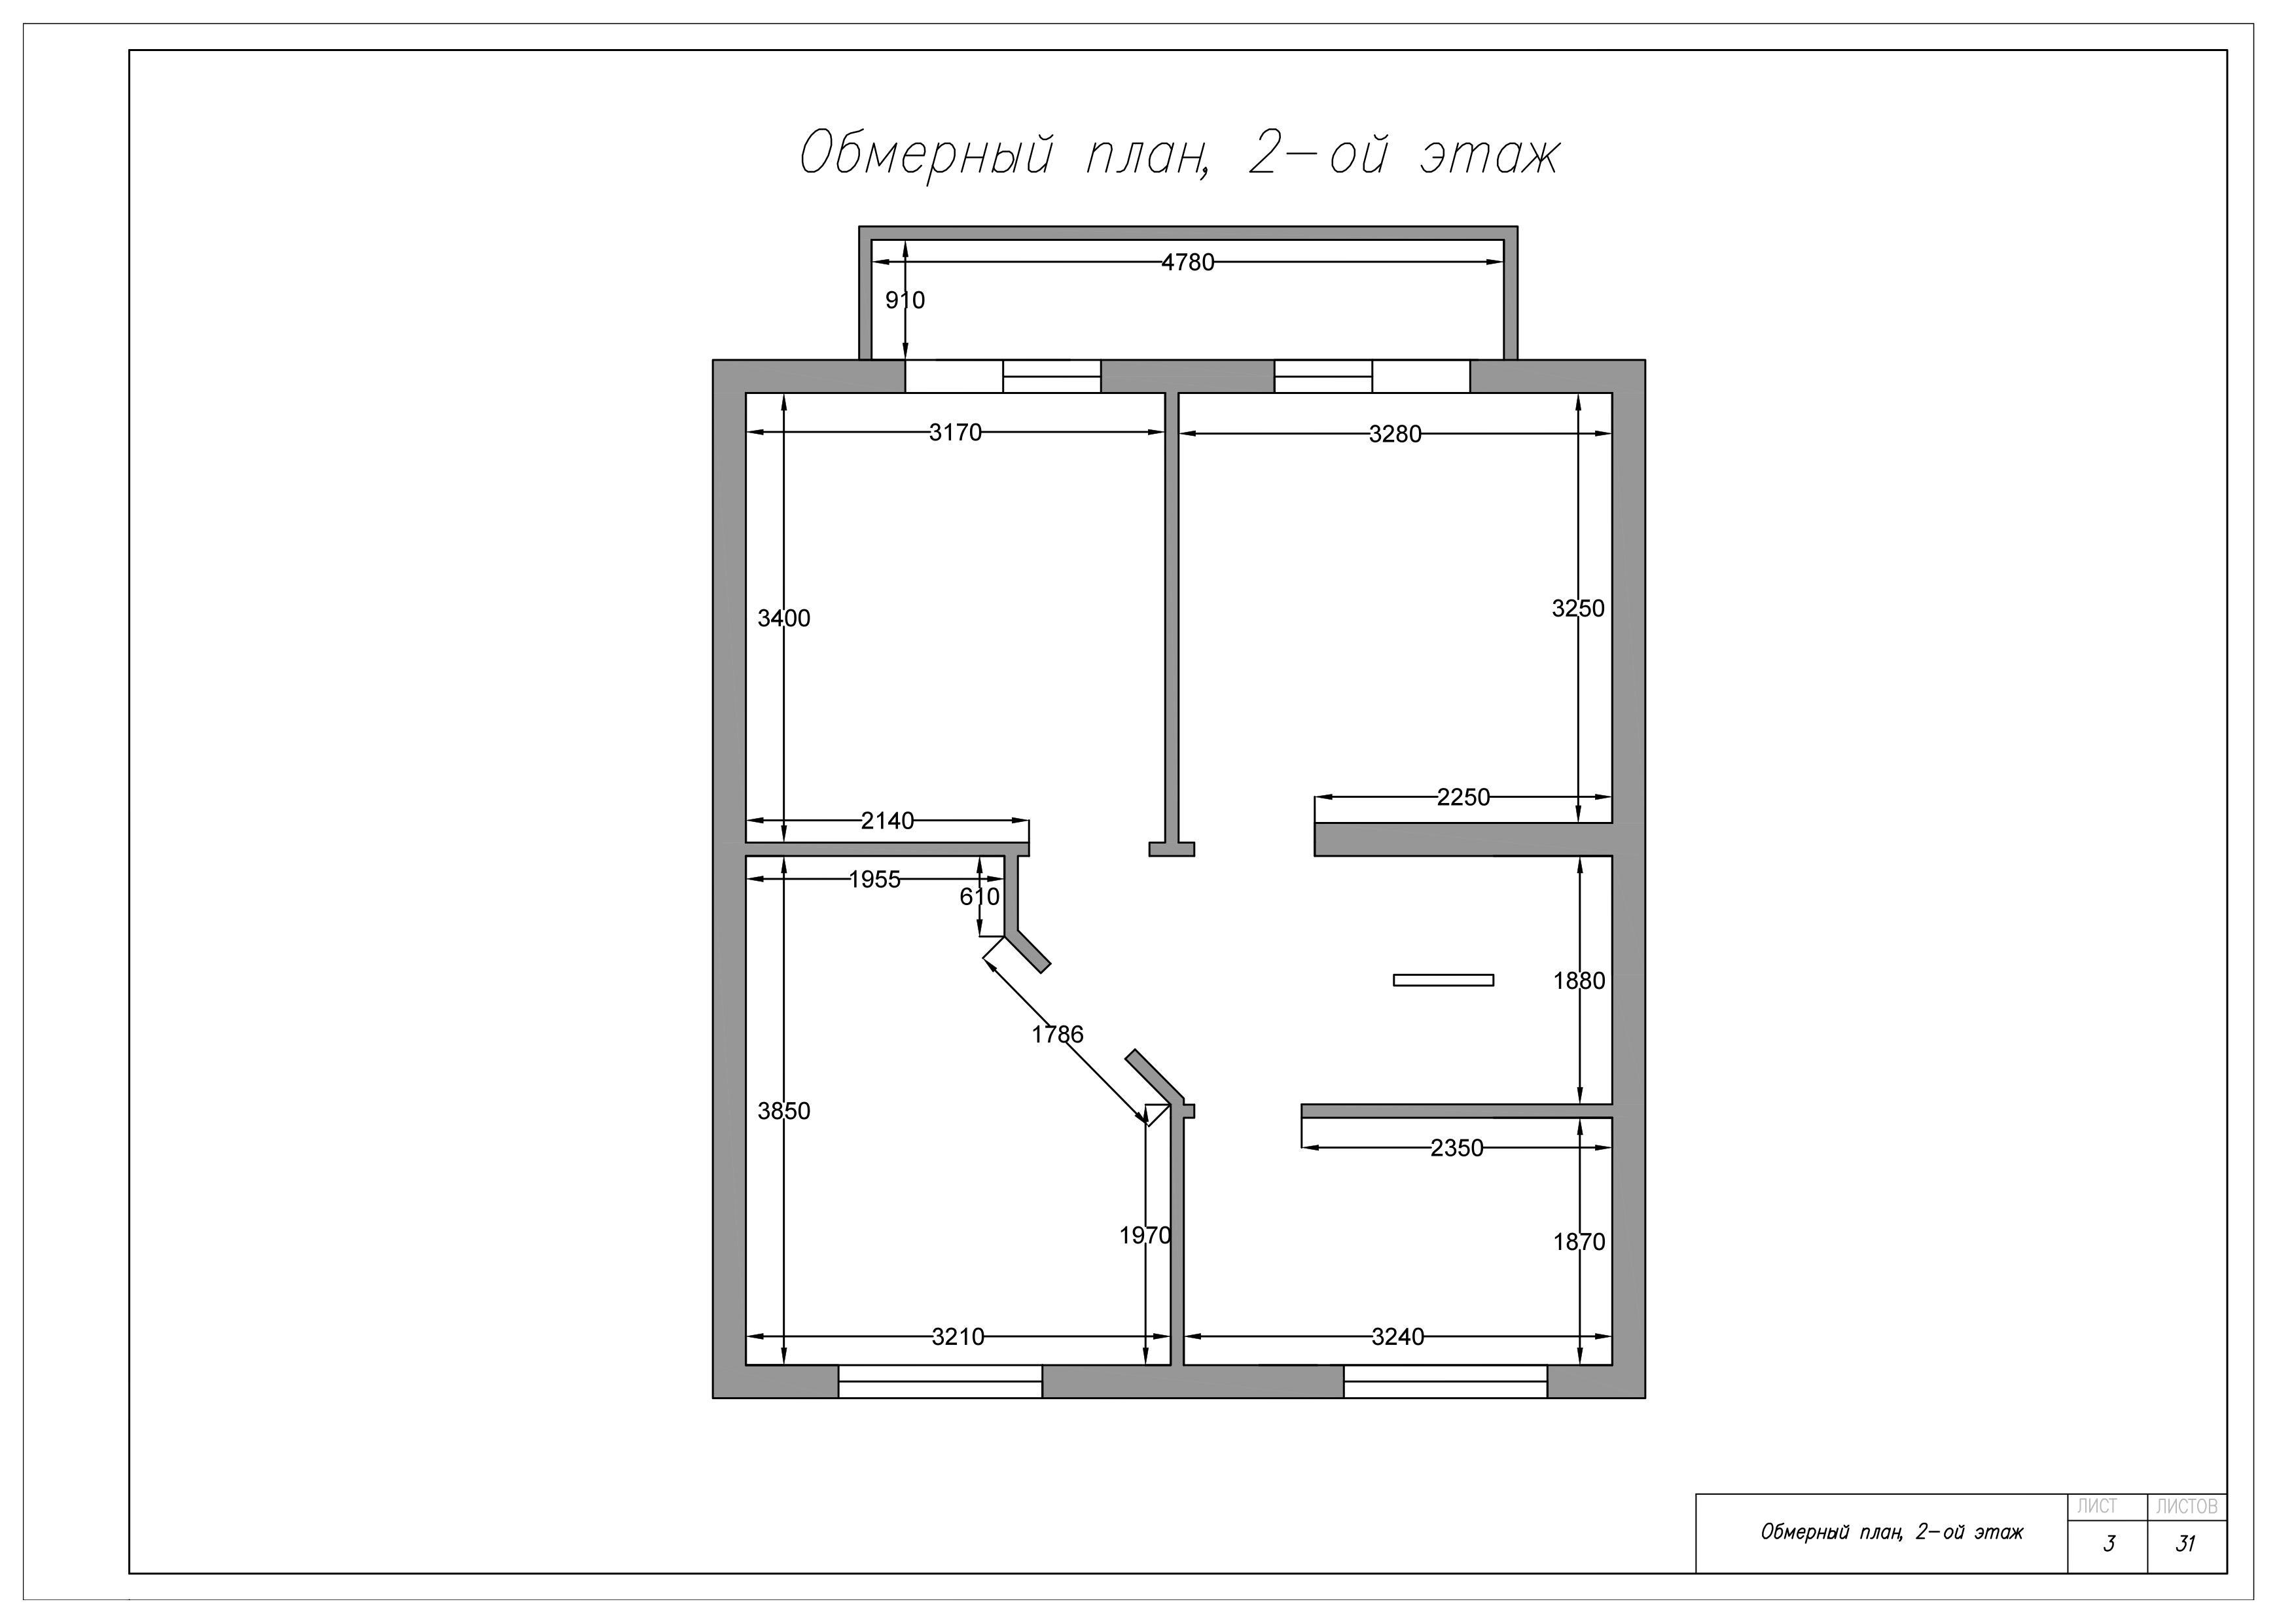 Обмерный план, 2 этаж